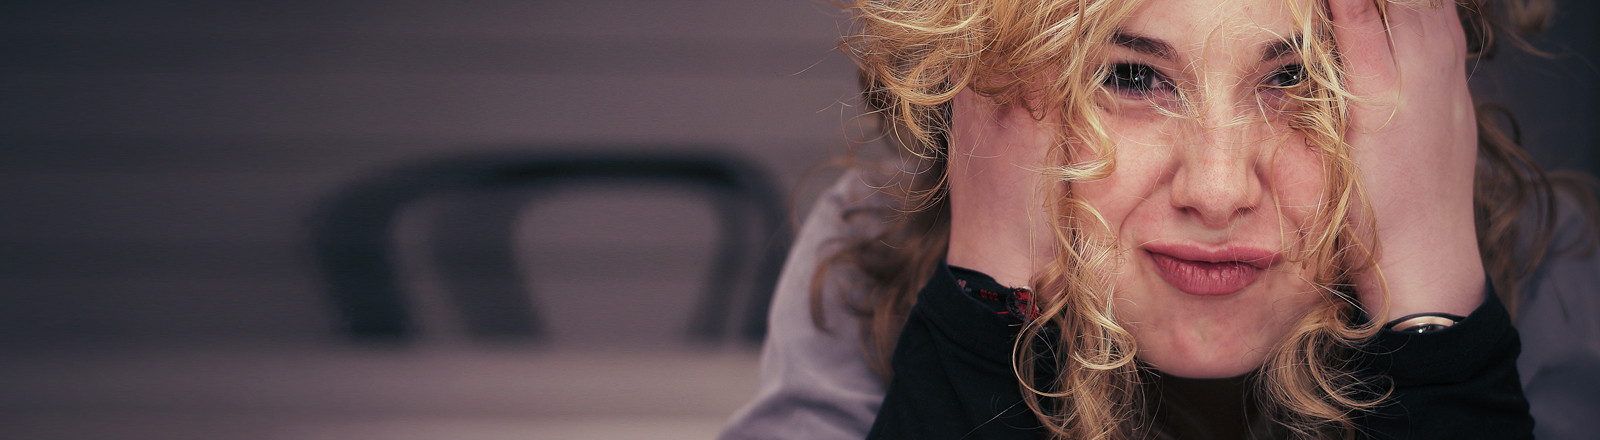 Eine Frau mit blonden Locken schaut recht zerknirscht.